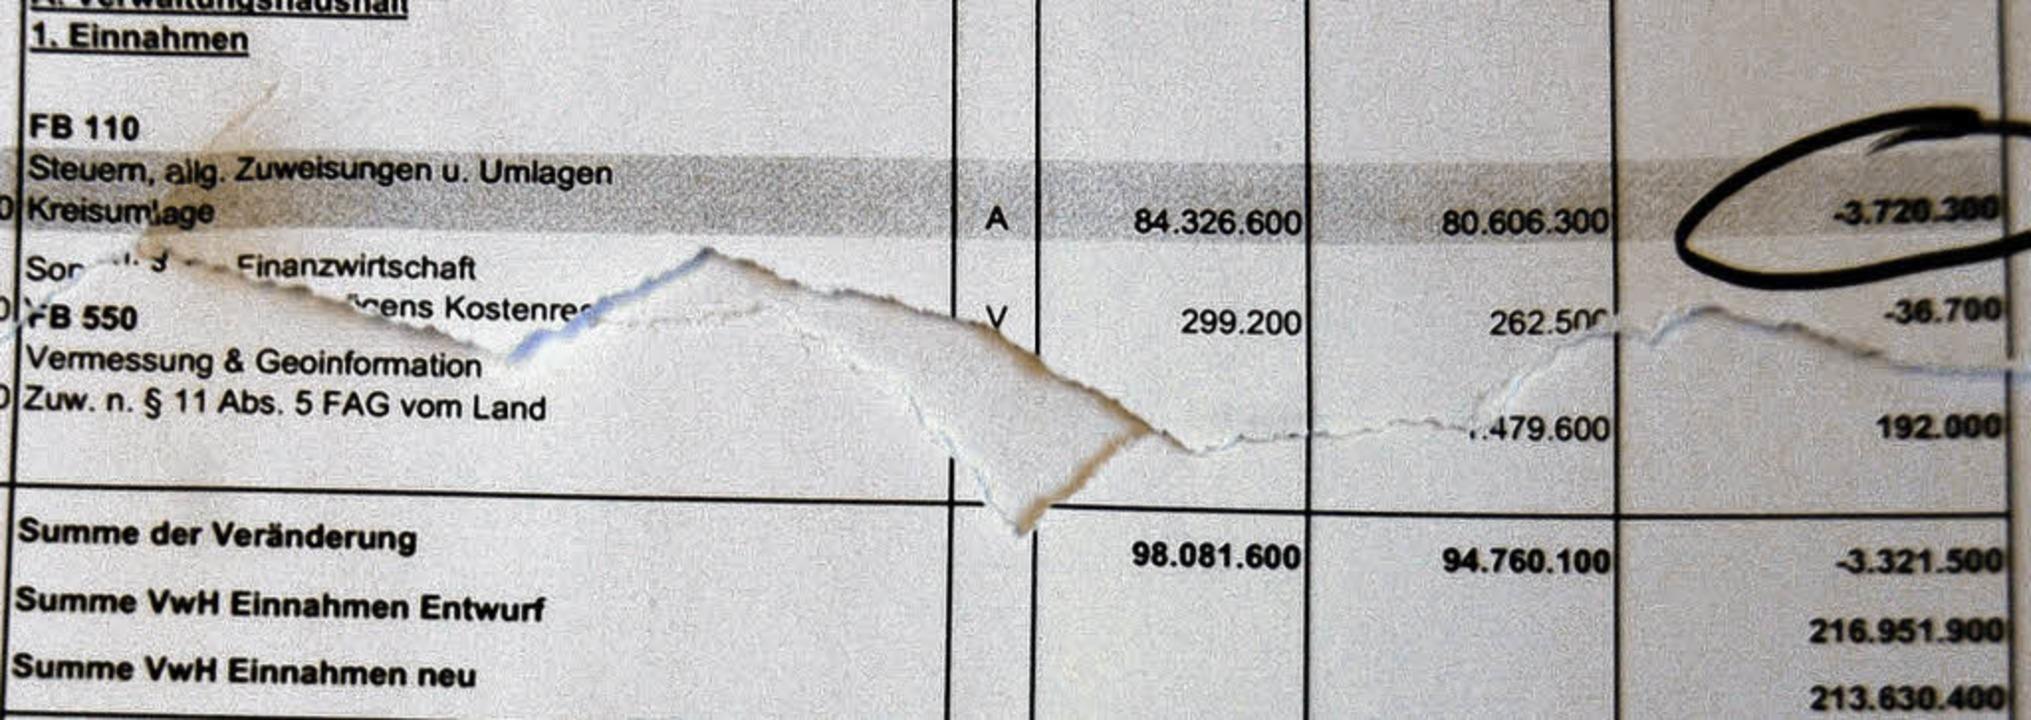 Da musste korrigiert werden (Ausriss a...f 213,6 Millionen Euro reduzieren.      | Foto: Franz Dannecker